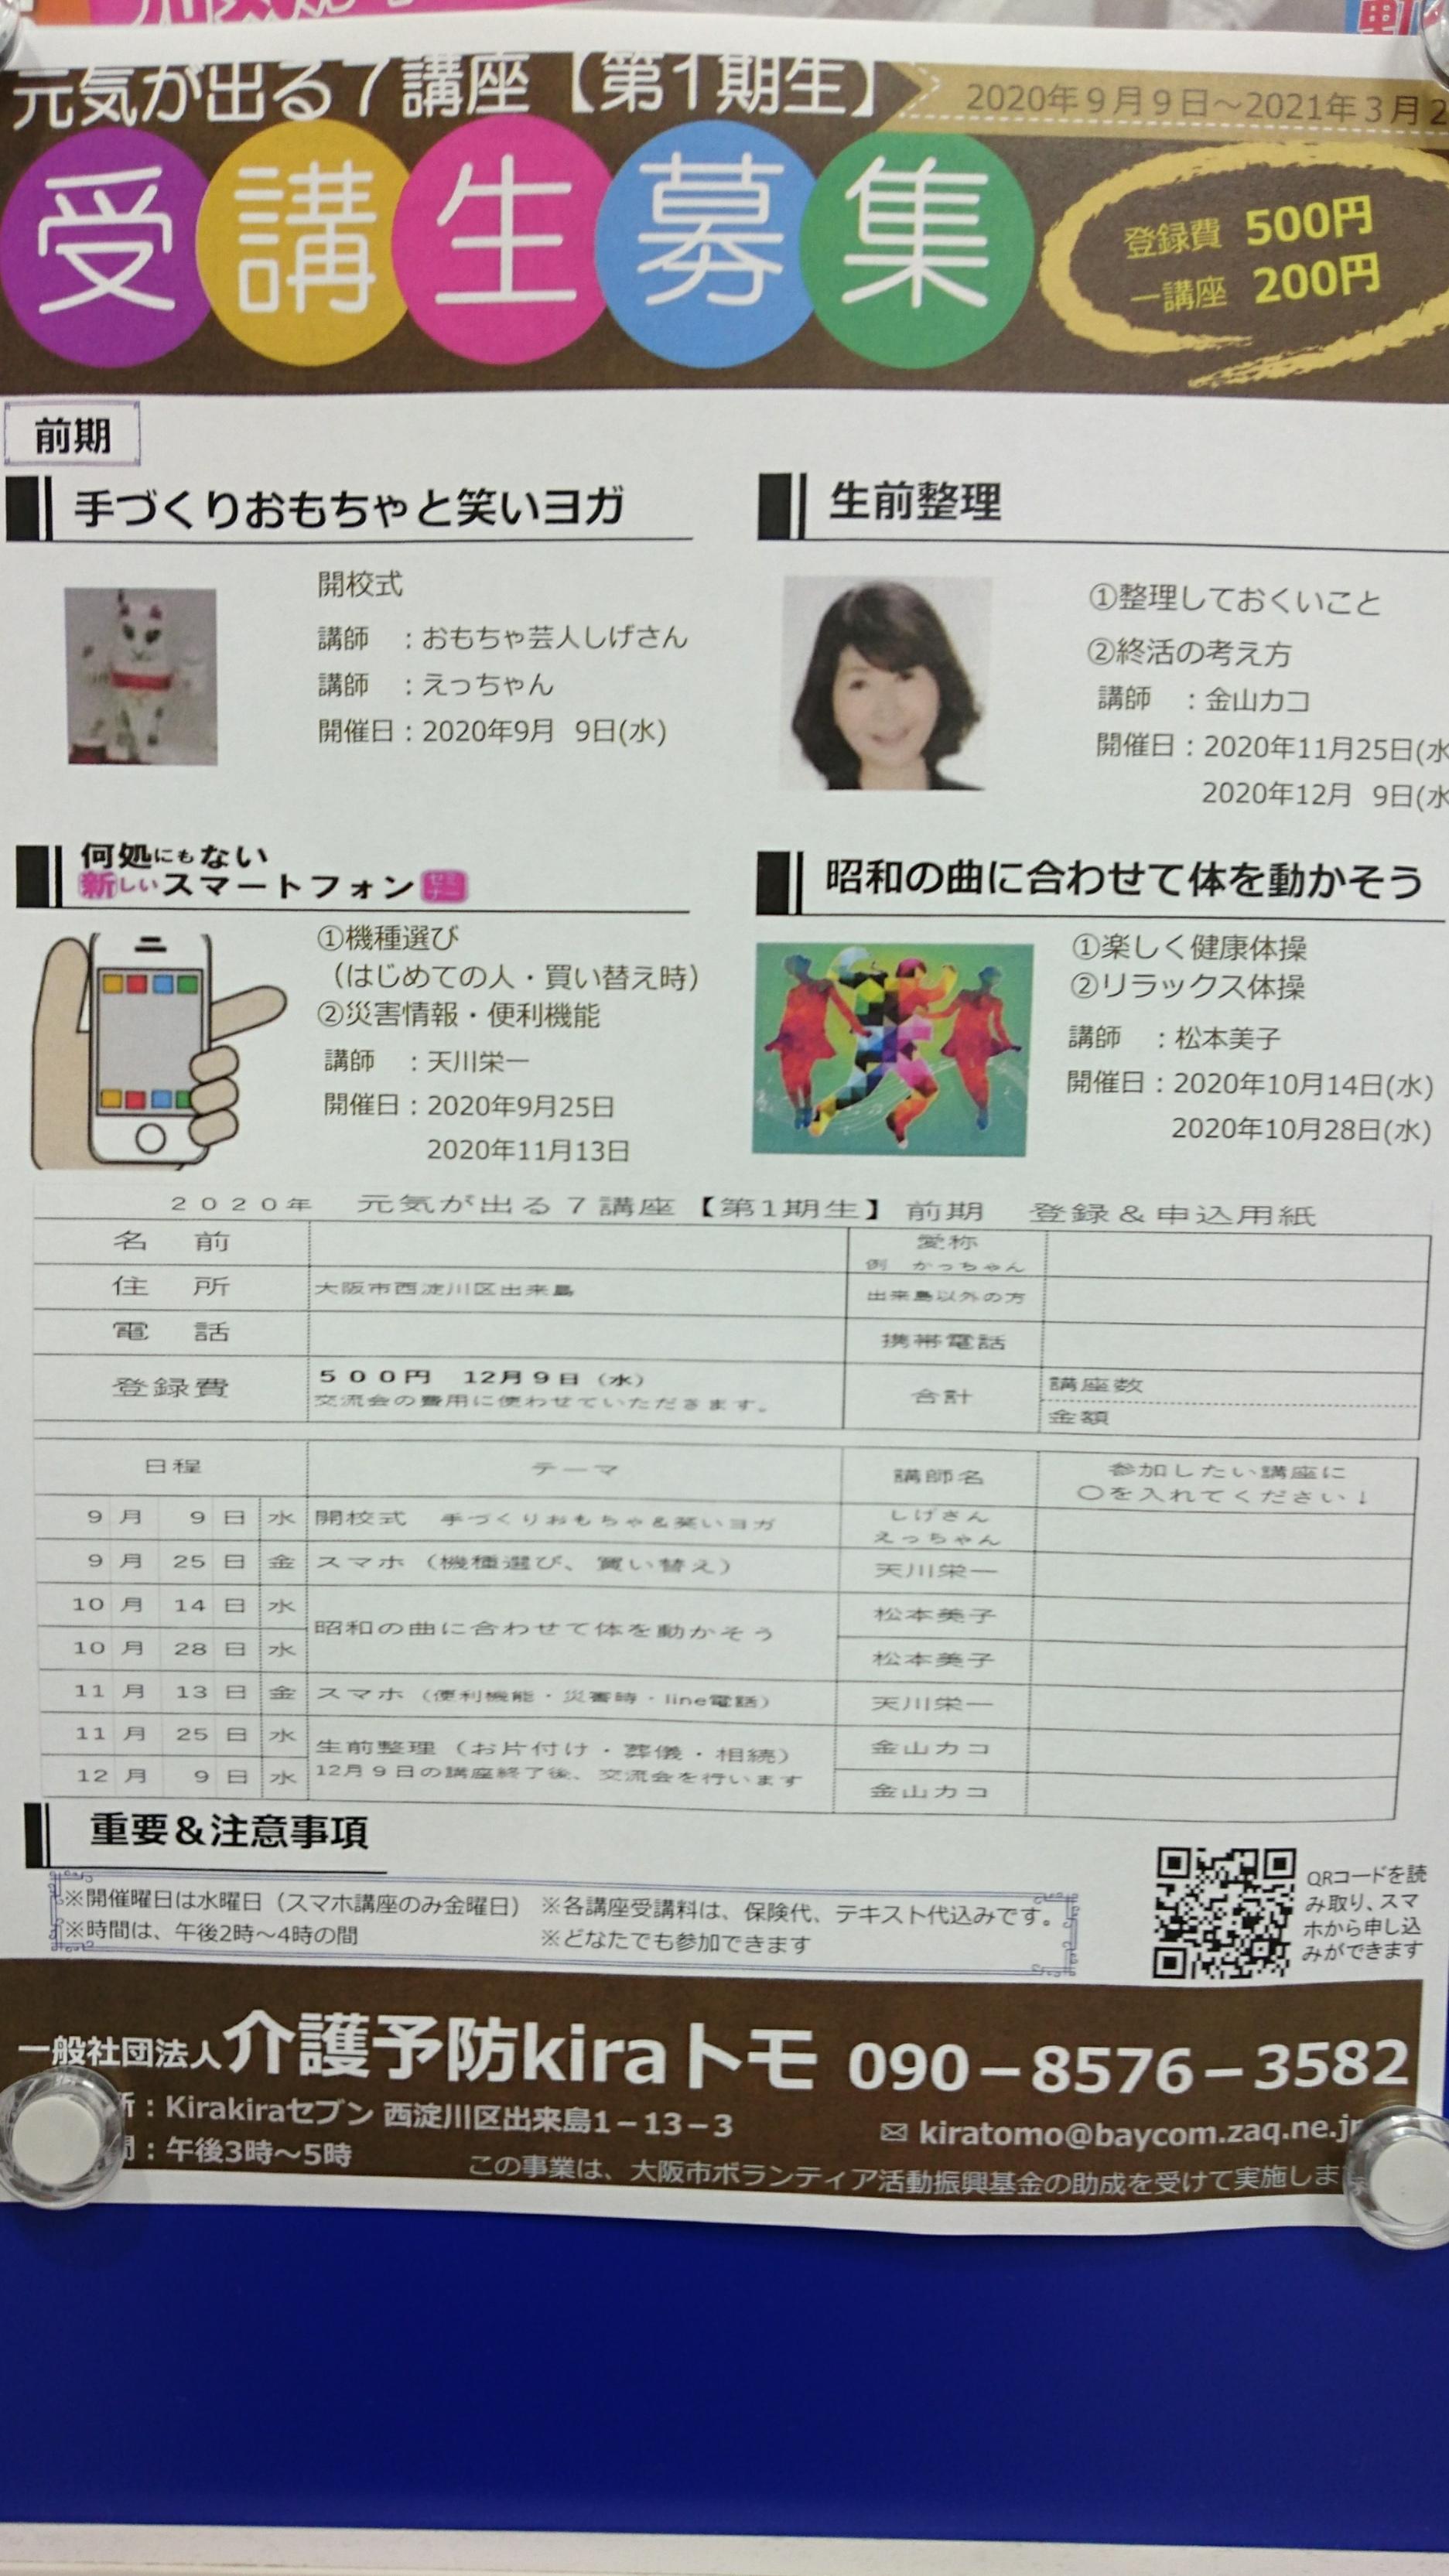 9月9日(水)介護予防kiraトモ主催の元気が出る講座